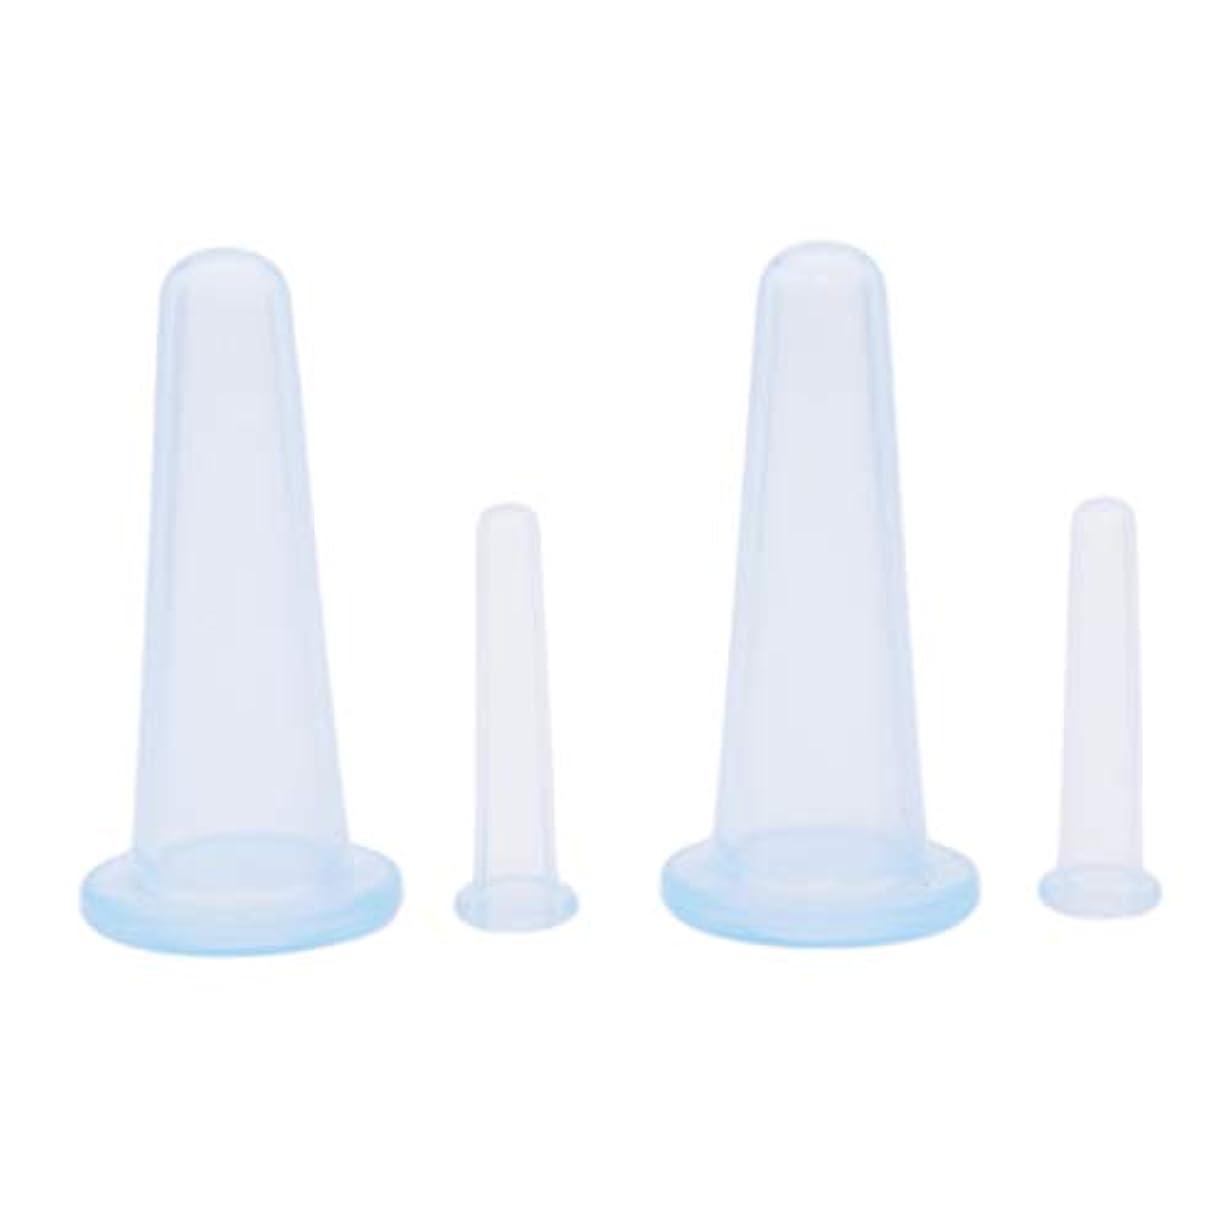 野心的感嘆フラフープJIOLK 吸玉 真空 カッピング シリコン 血流促進 4個セット マッサージカップ カッピングカップセット ネック 顔 吸圧器 疲労軽減